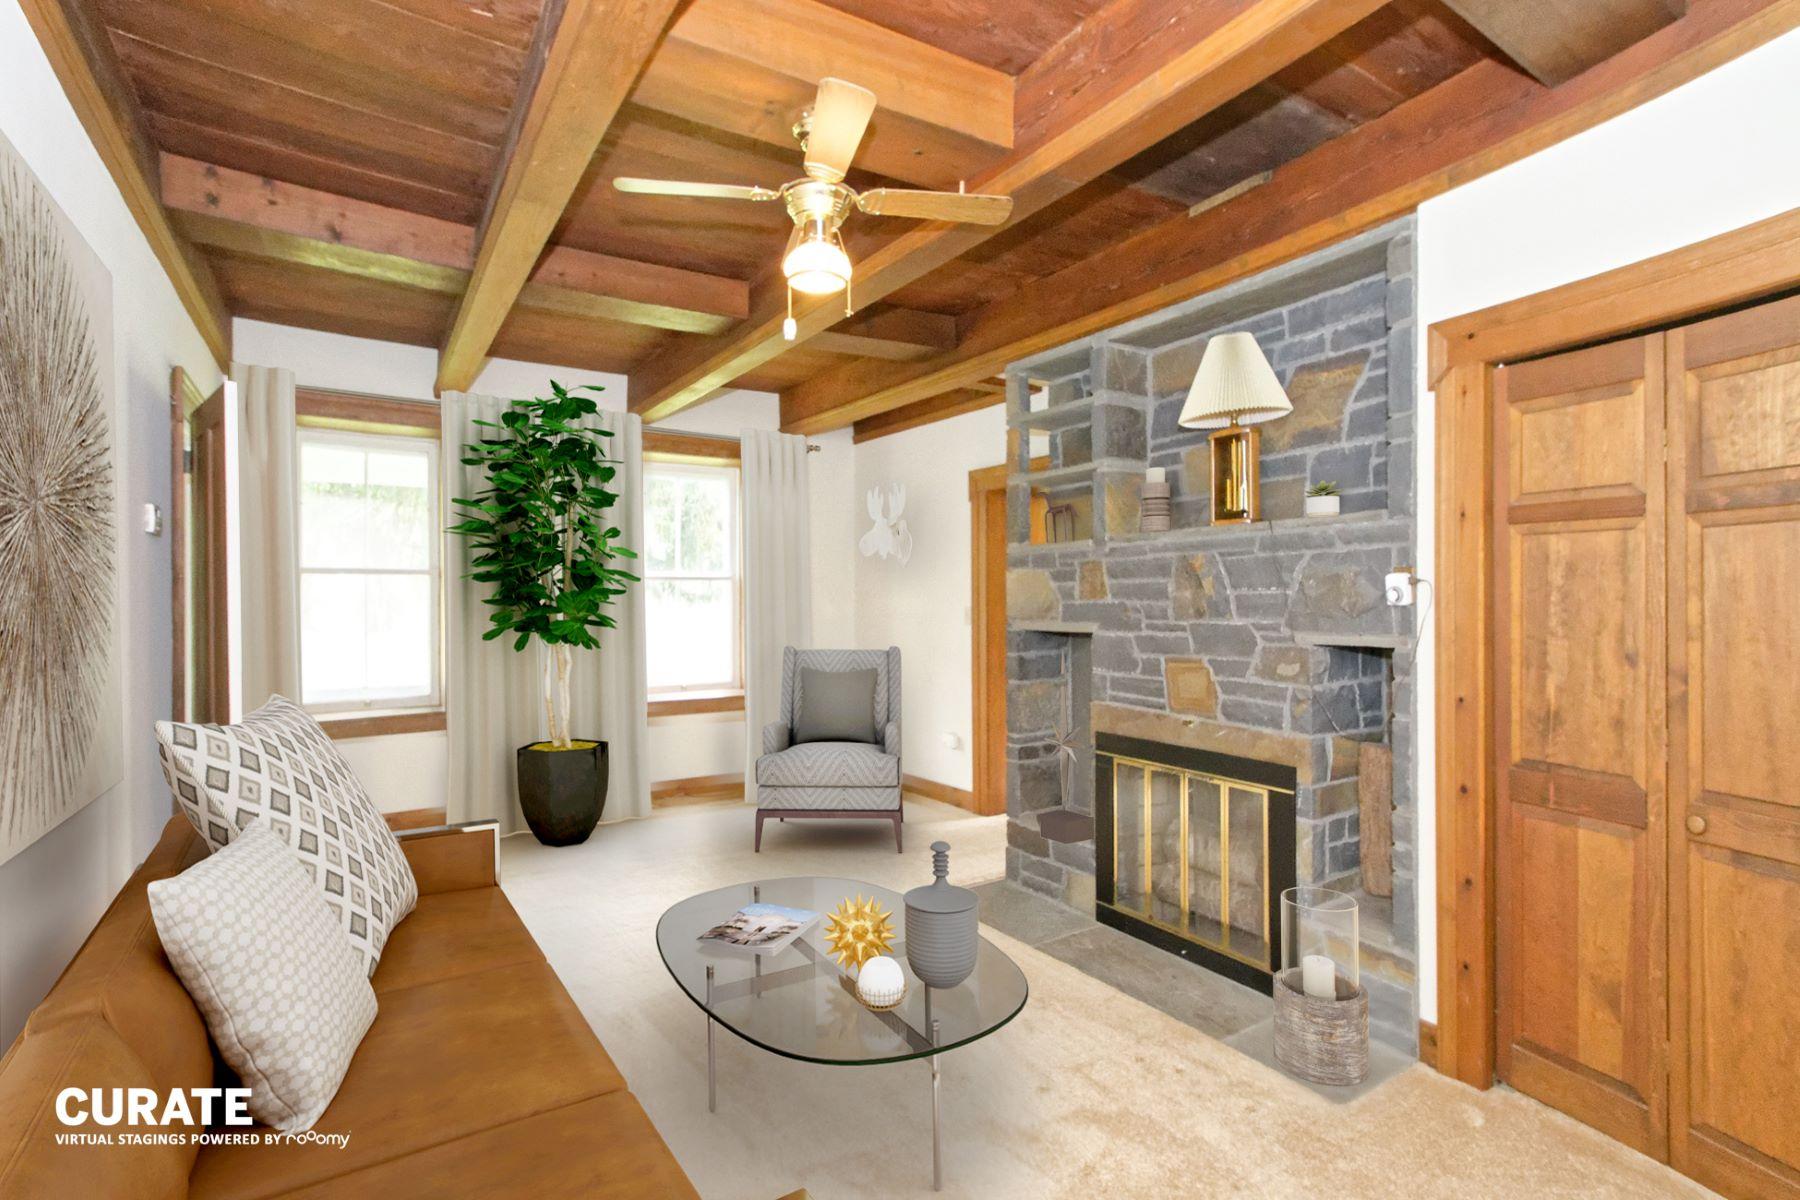 Single Family Homes for Sale at Upper Landing Riverfront 129 Riverside Av Coxsackie, New York 12051 United States